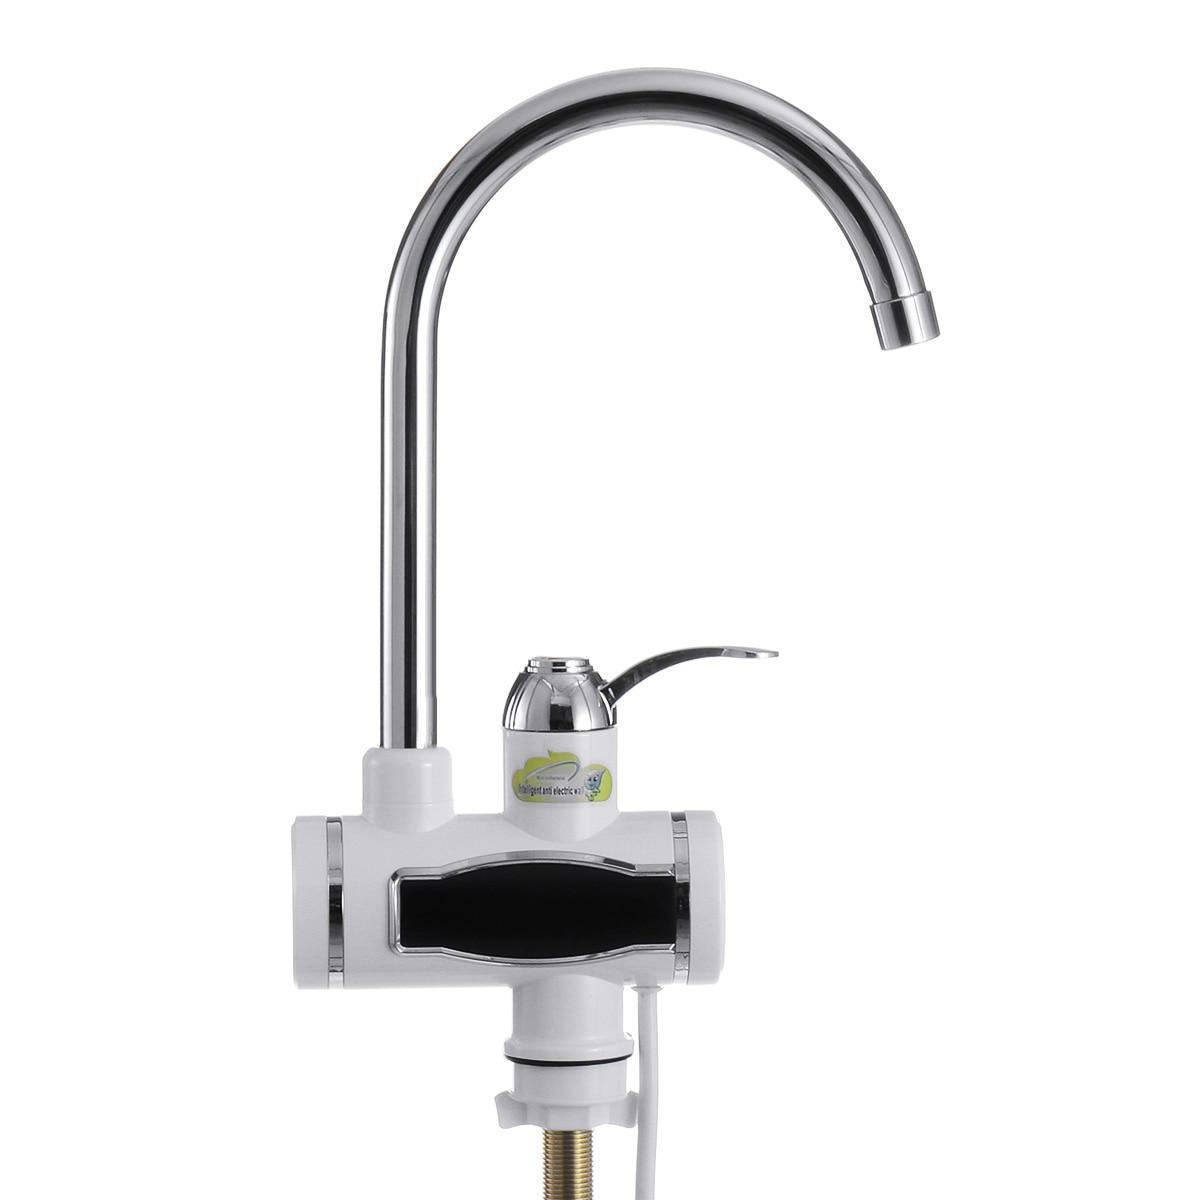 Домашний 220 в 3000 Вт мгновенный Электрический кран, водонагреватель из нержавеющей стали под потоком, светодиодный дисплей для ванной и